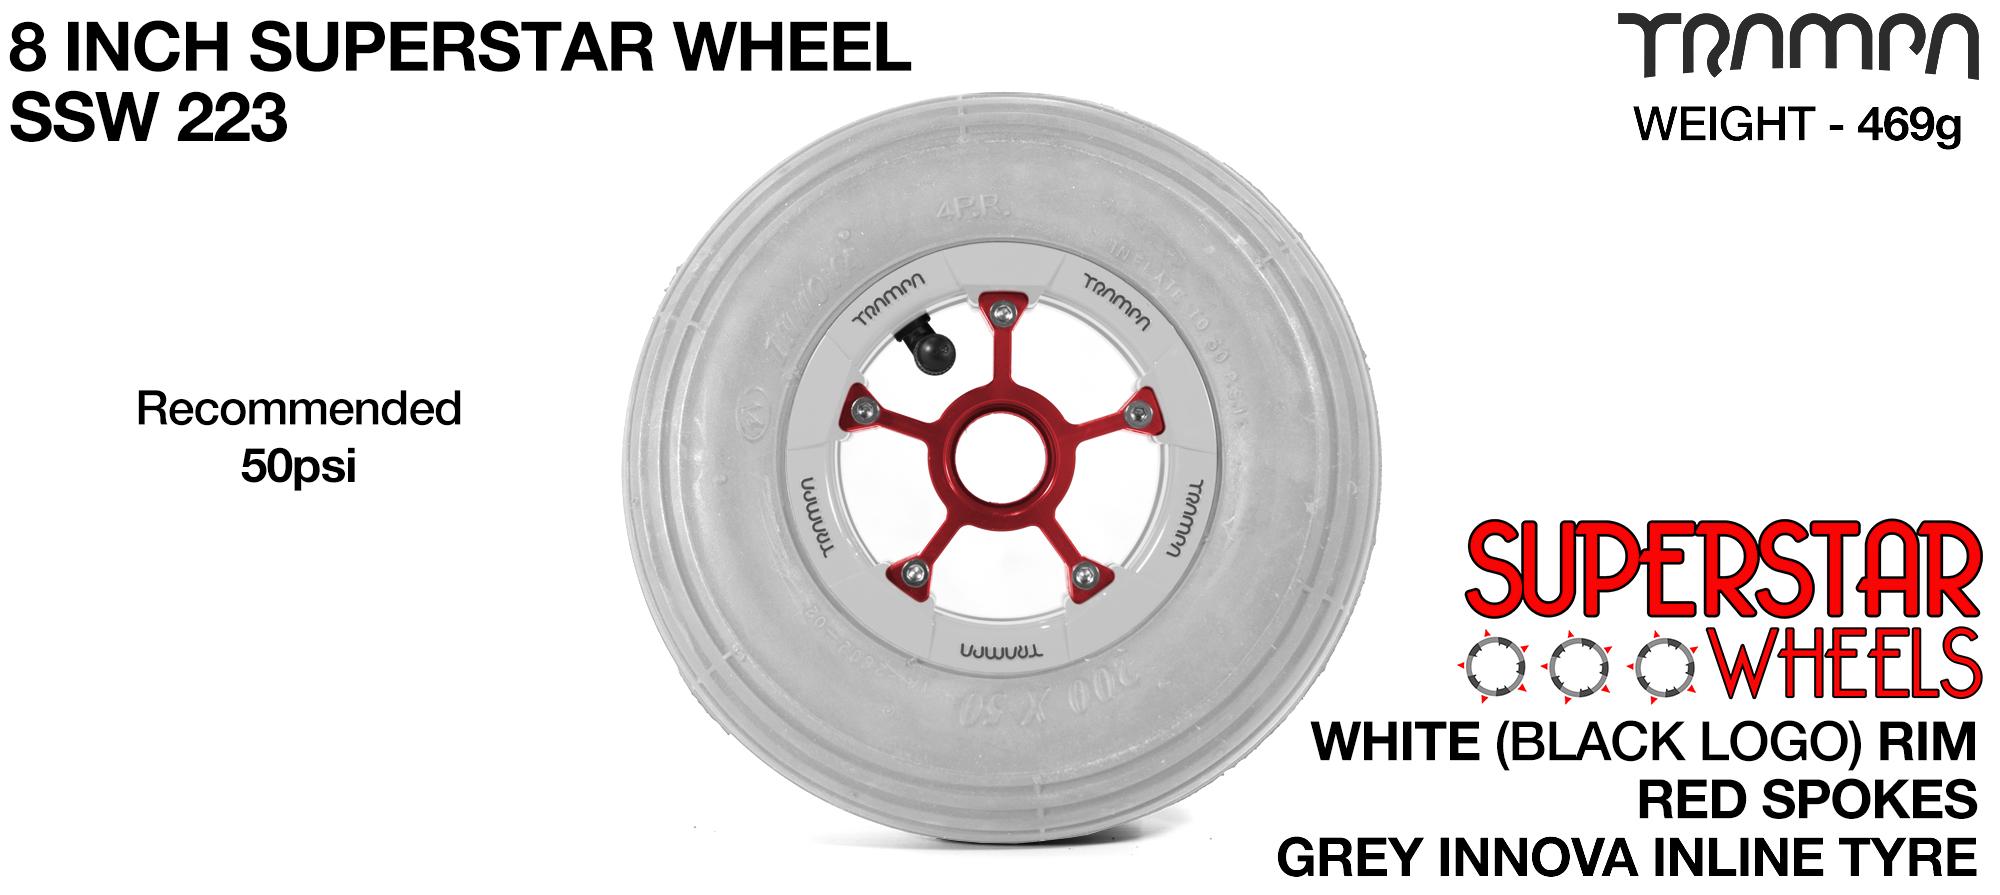 Superstar 8 Inch Wheel - White Superstar Rim Red Anodised Spokes & Grey 8 Inch Inline Tyre